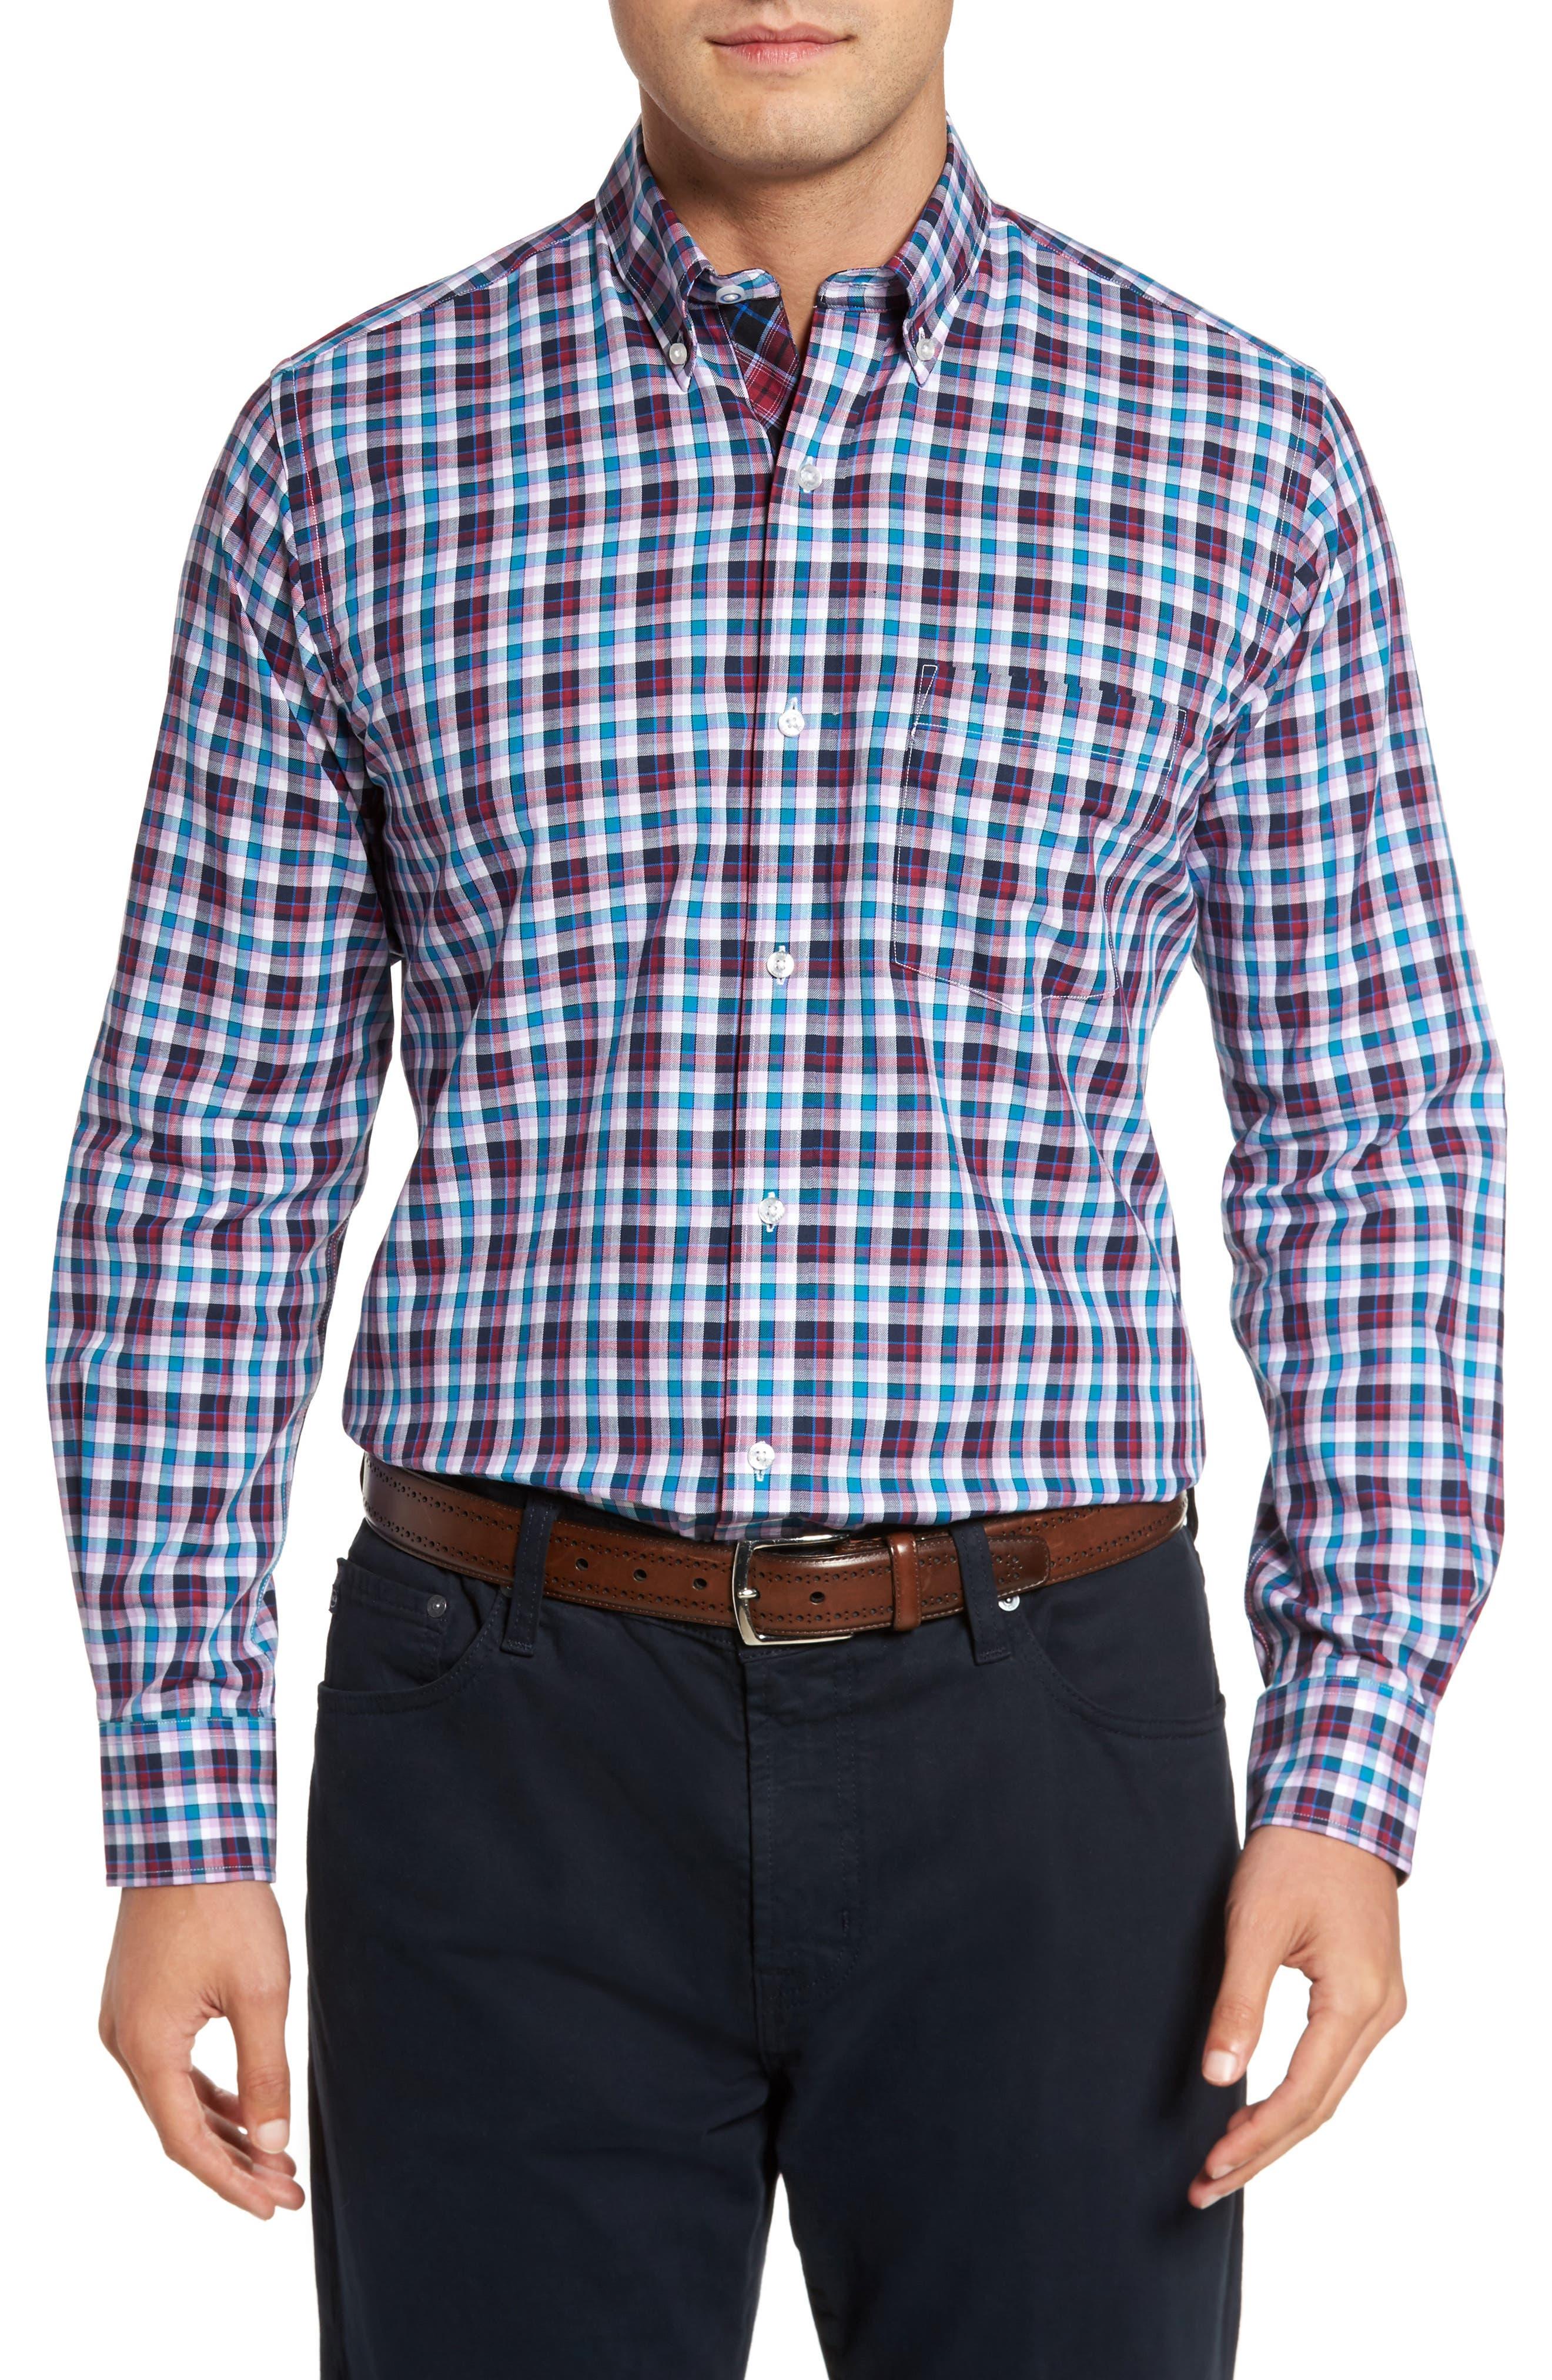 Coushatta Plaid Sport Shirt,                         Main,                         color, Purple